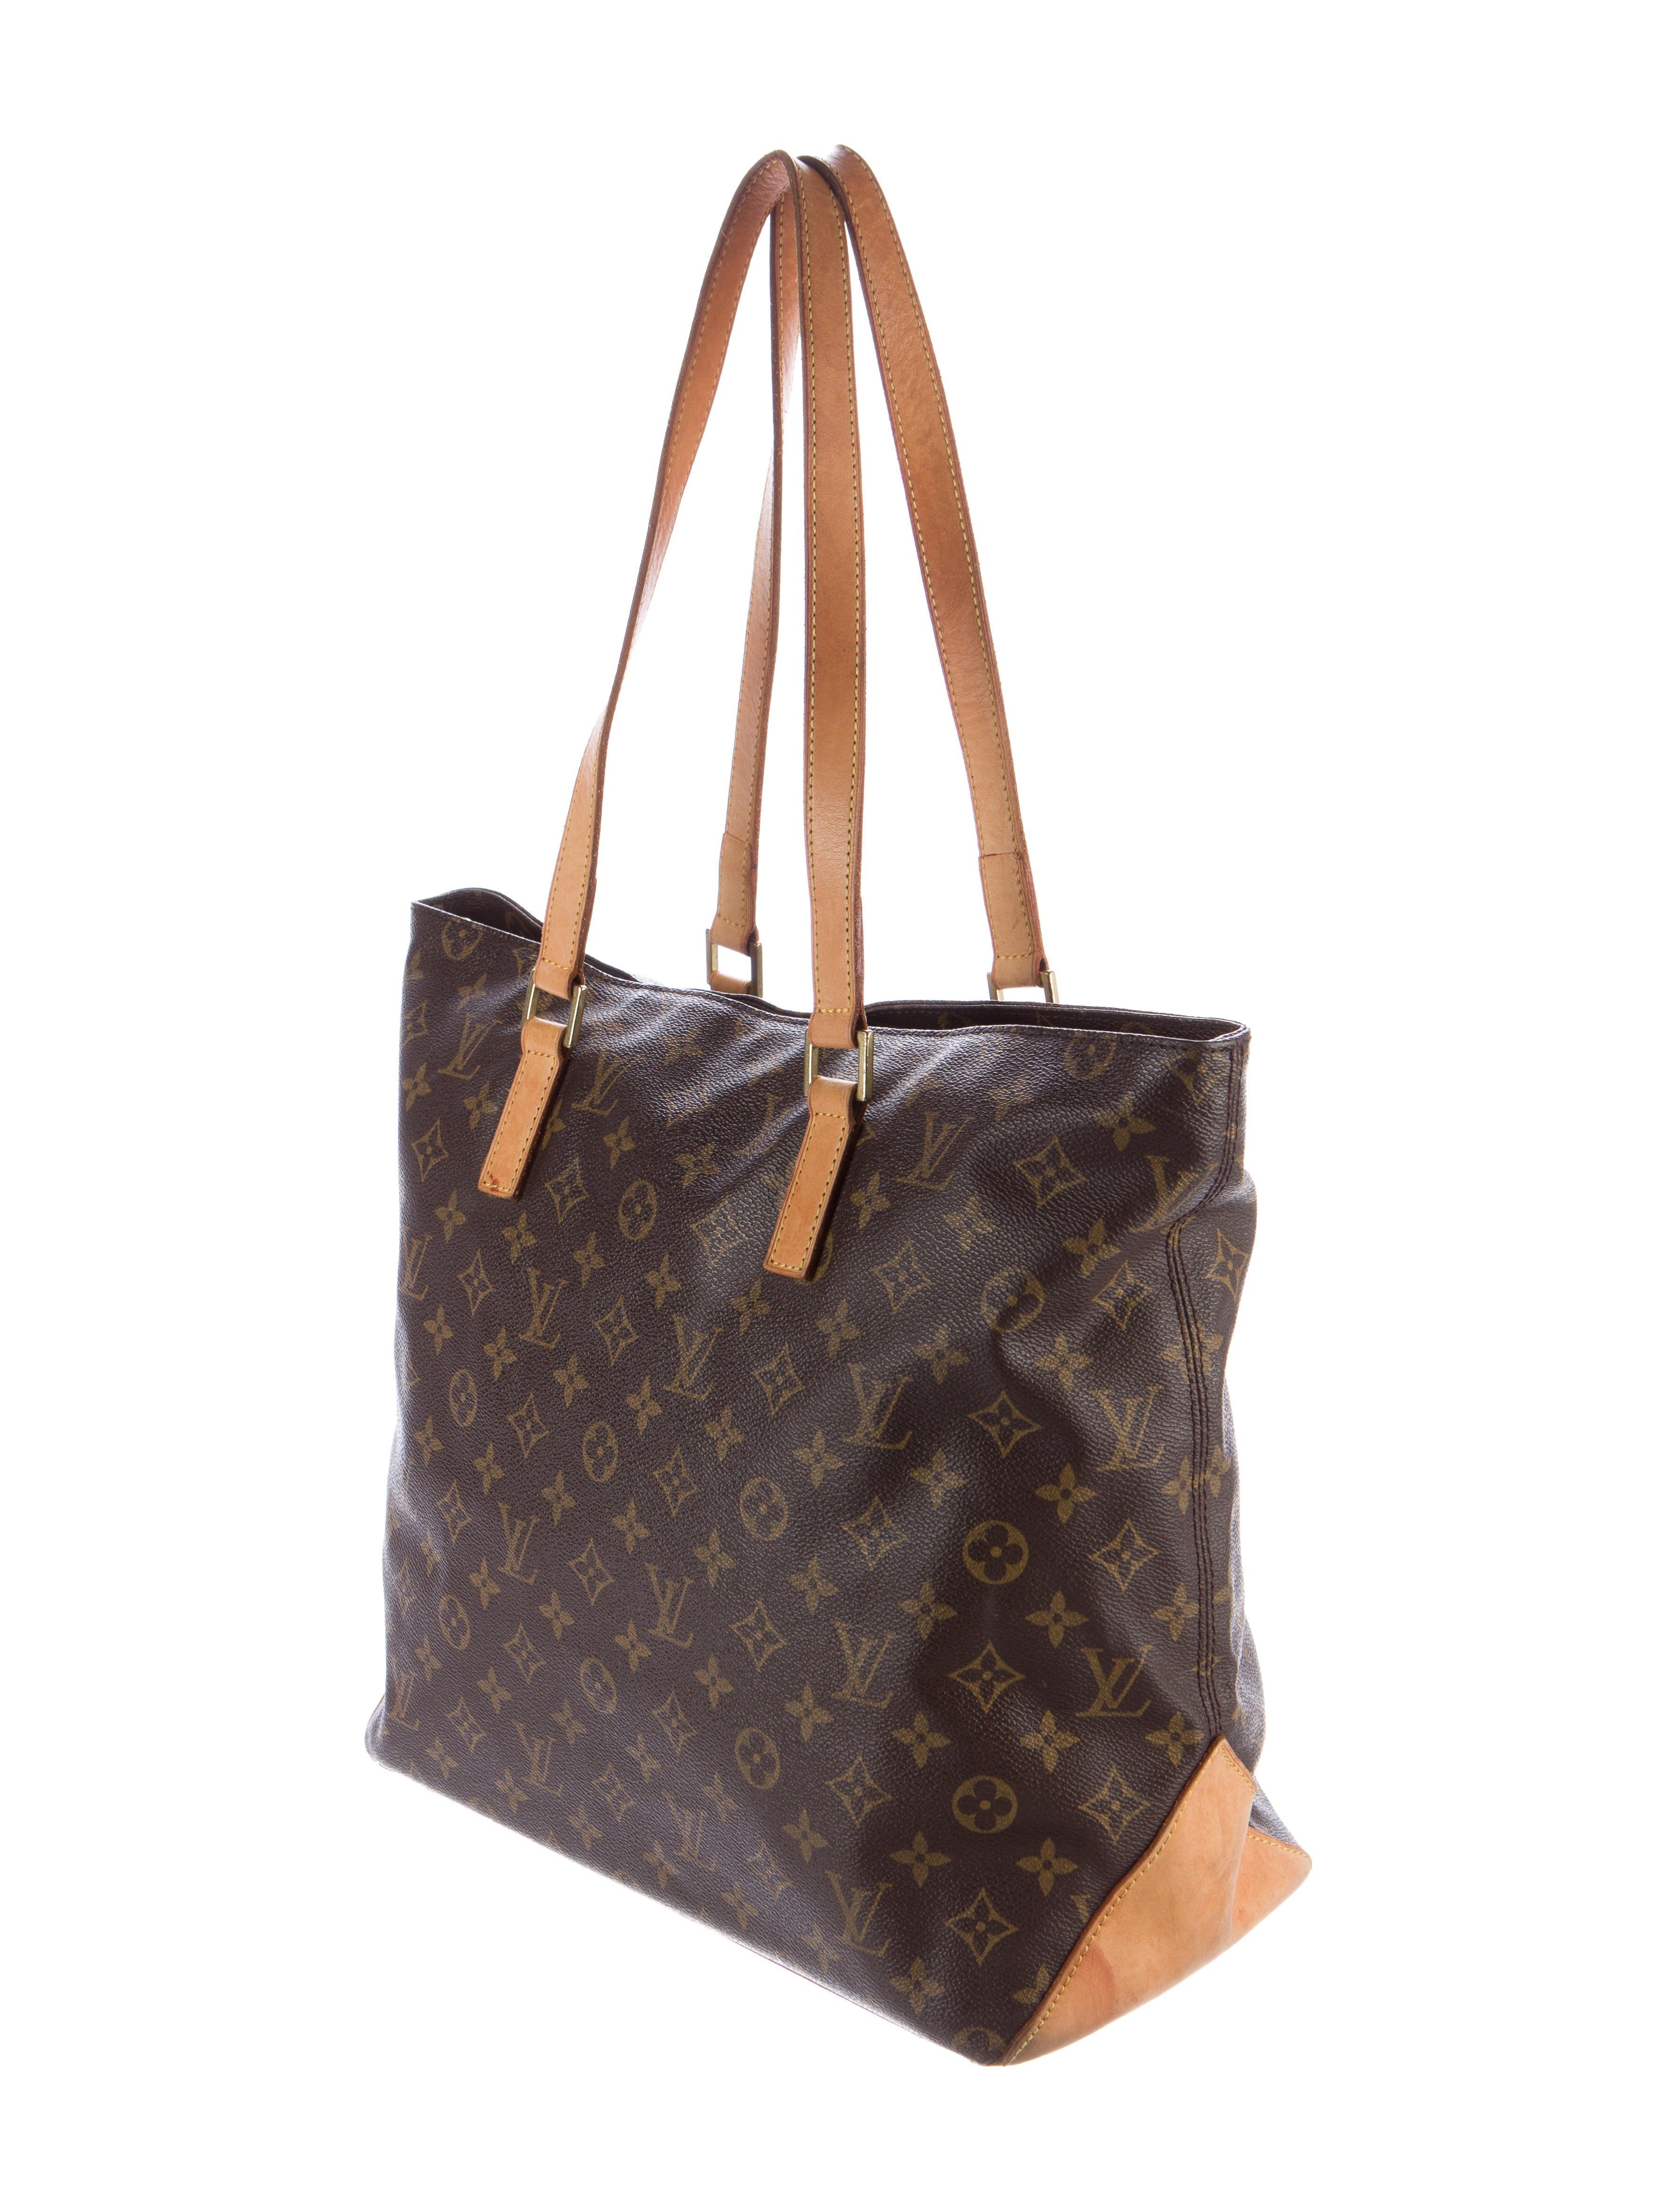 Louis Vuitton Monogram Cabas Mezzo Large Shopper Tote Bags